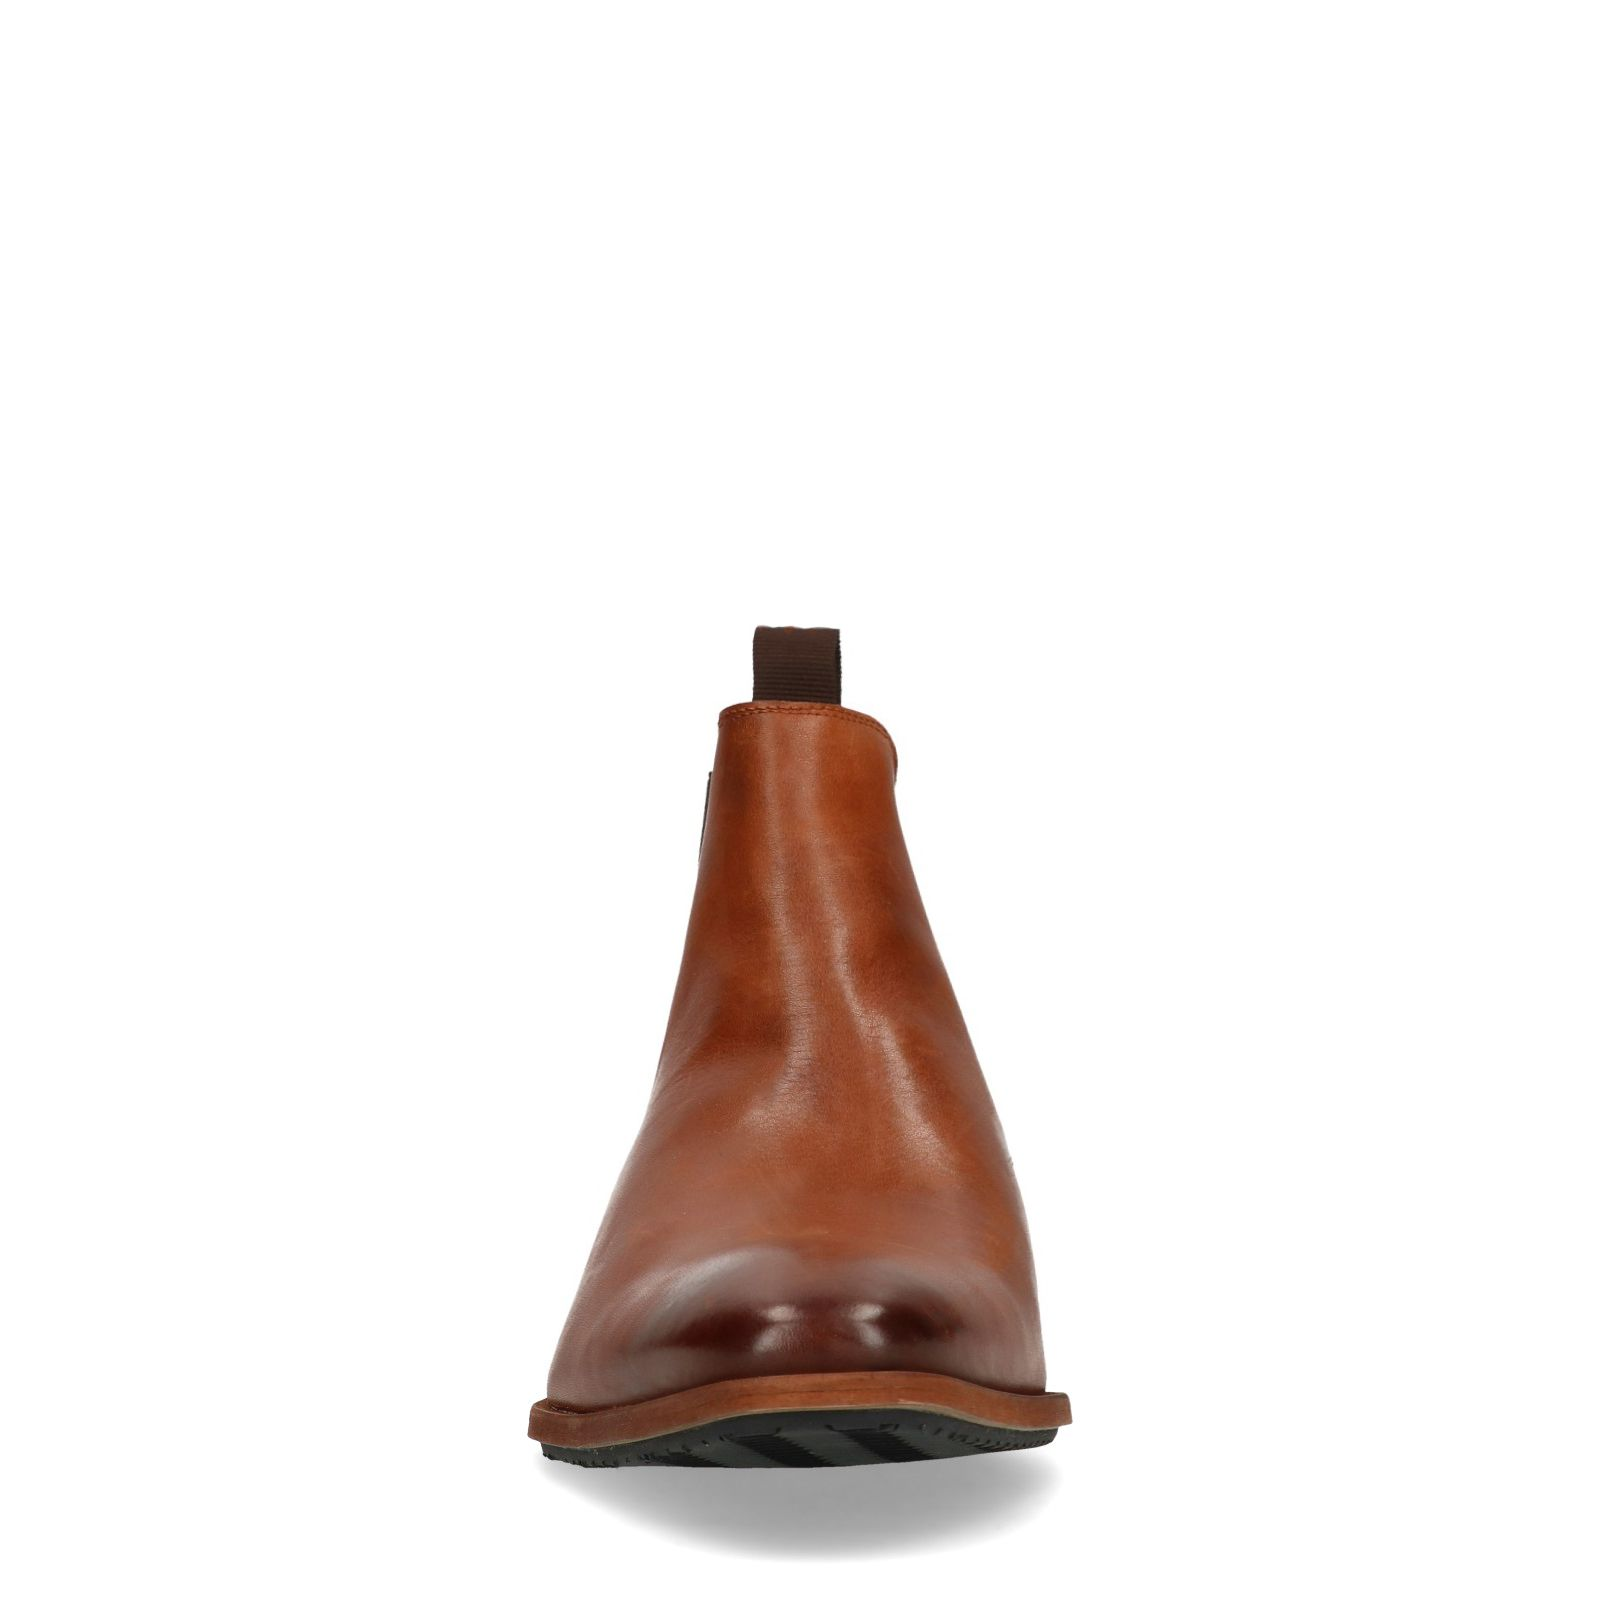 efe53a28d7d46d Manfield Cognacfarbene Chelsea Boots aus Leder. - 20%. prev